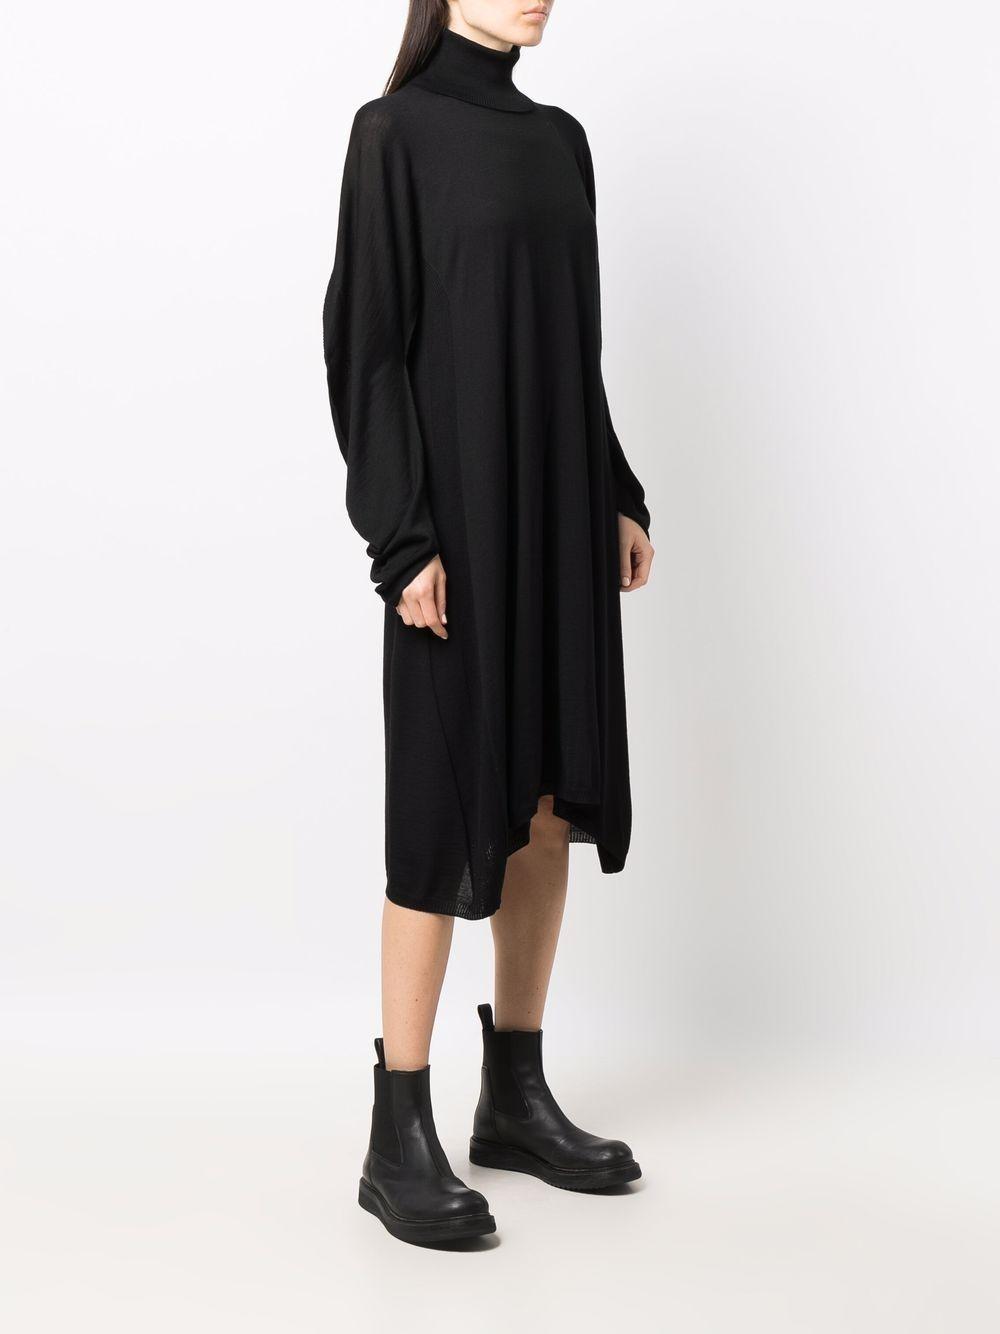 ISSEY MIYAKE | Dress | IM18KH25615